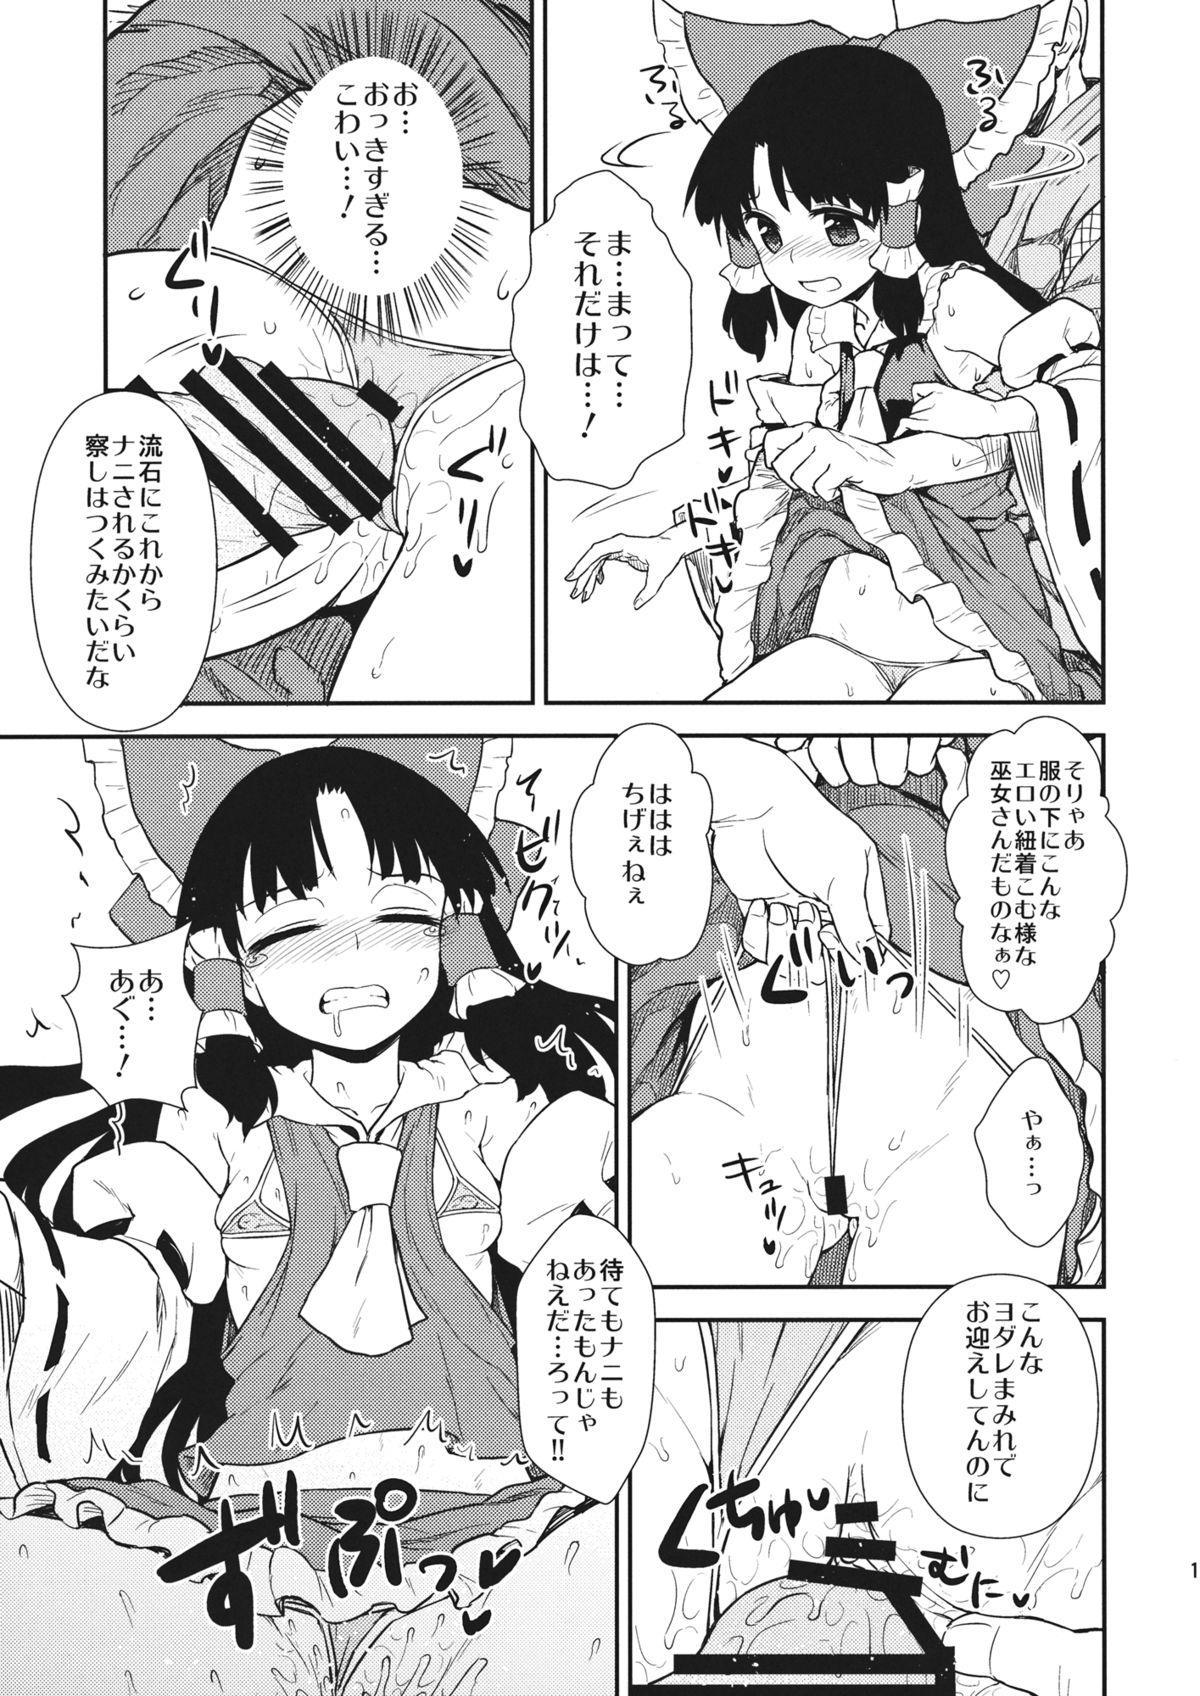 Otoshigoro no Reimu-san 13